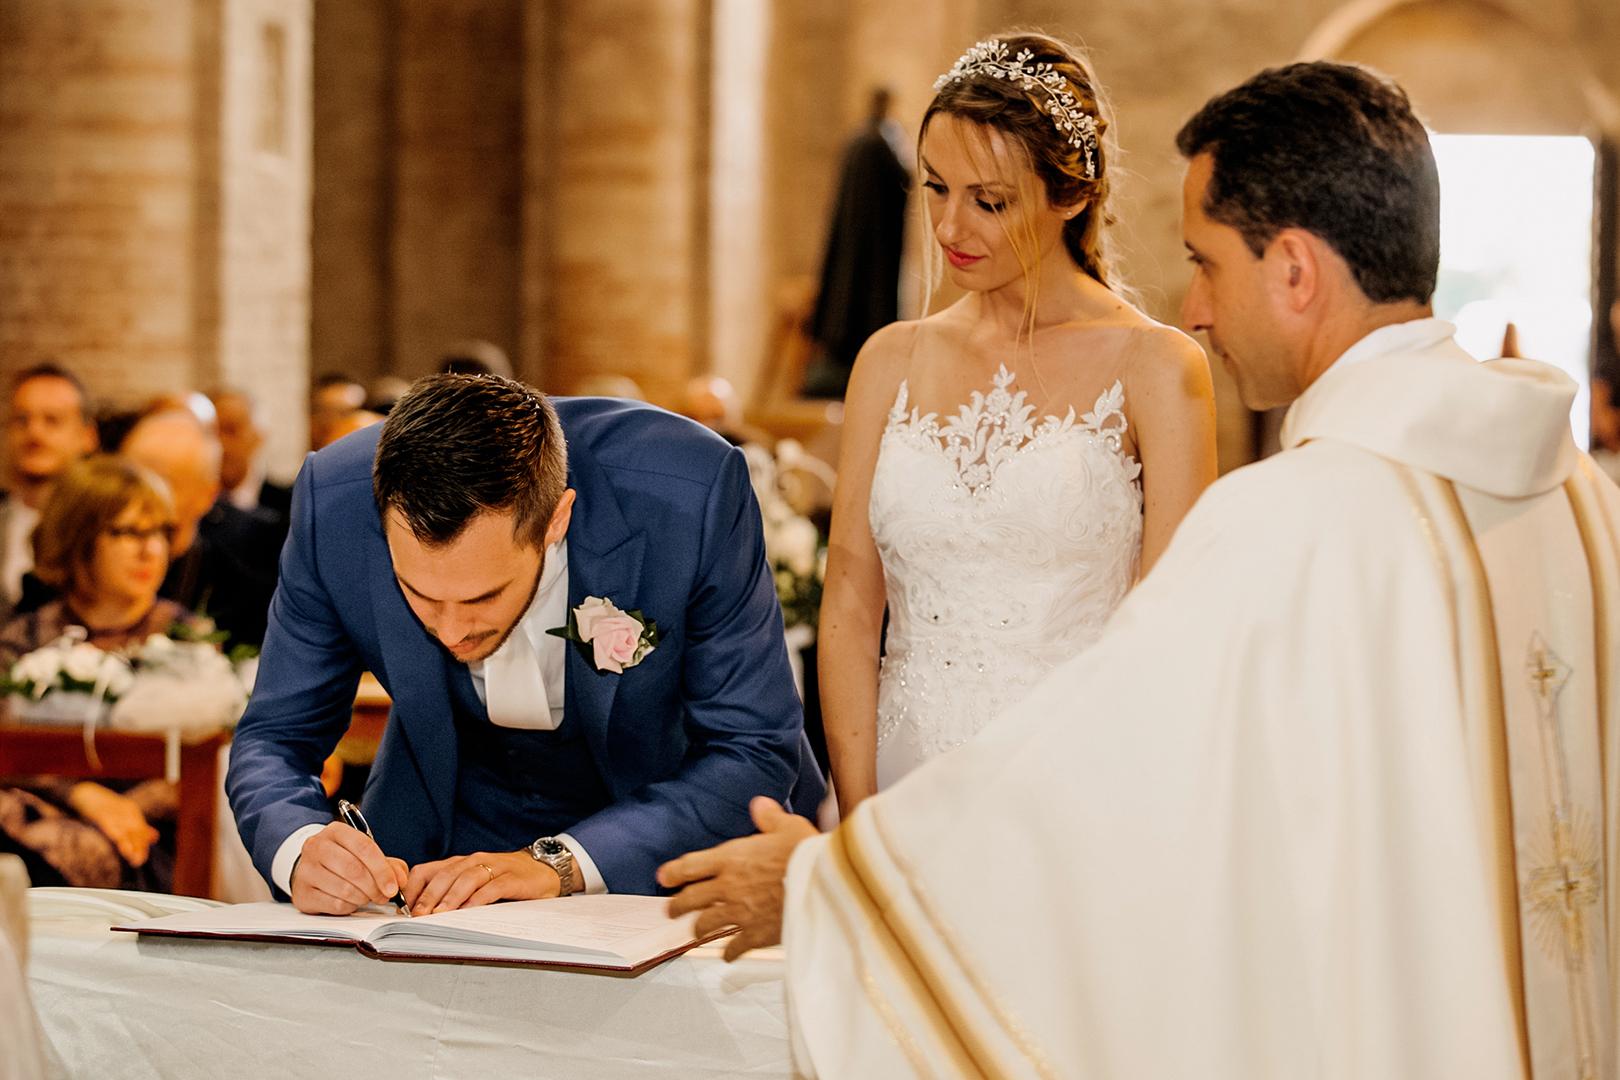 36gianni-lepore-sposi-fotografo-matrimonio-chiesa-firme-sposi-groom